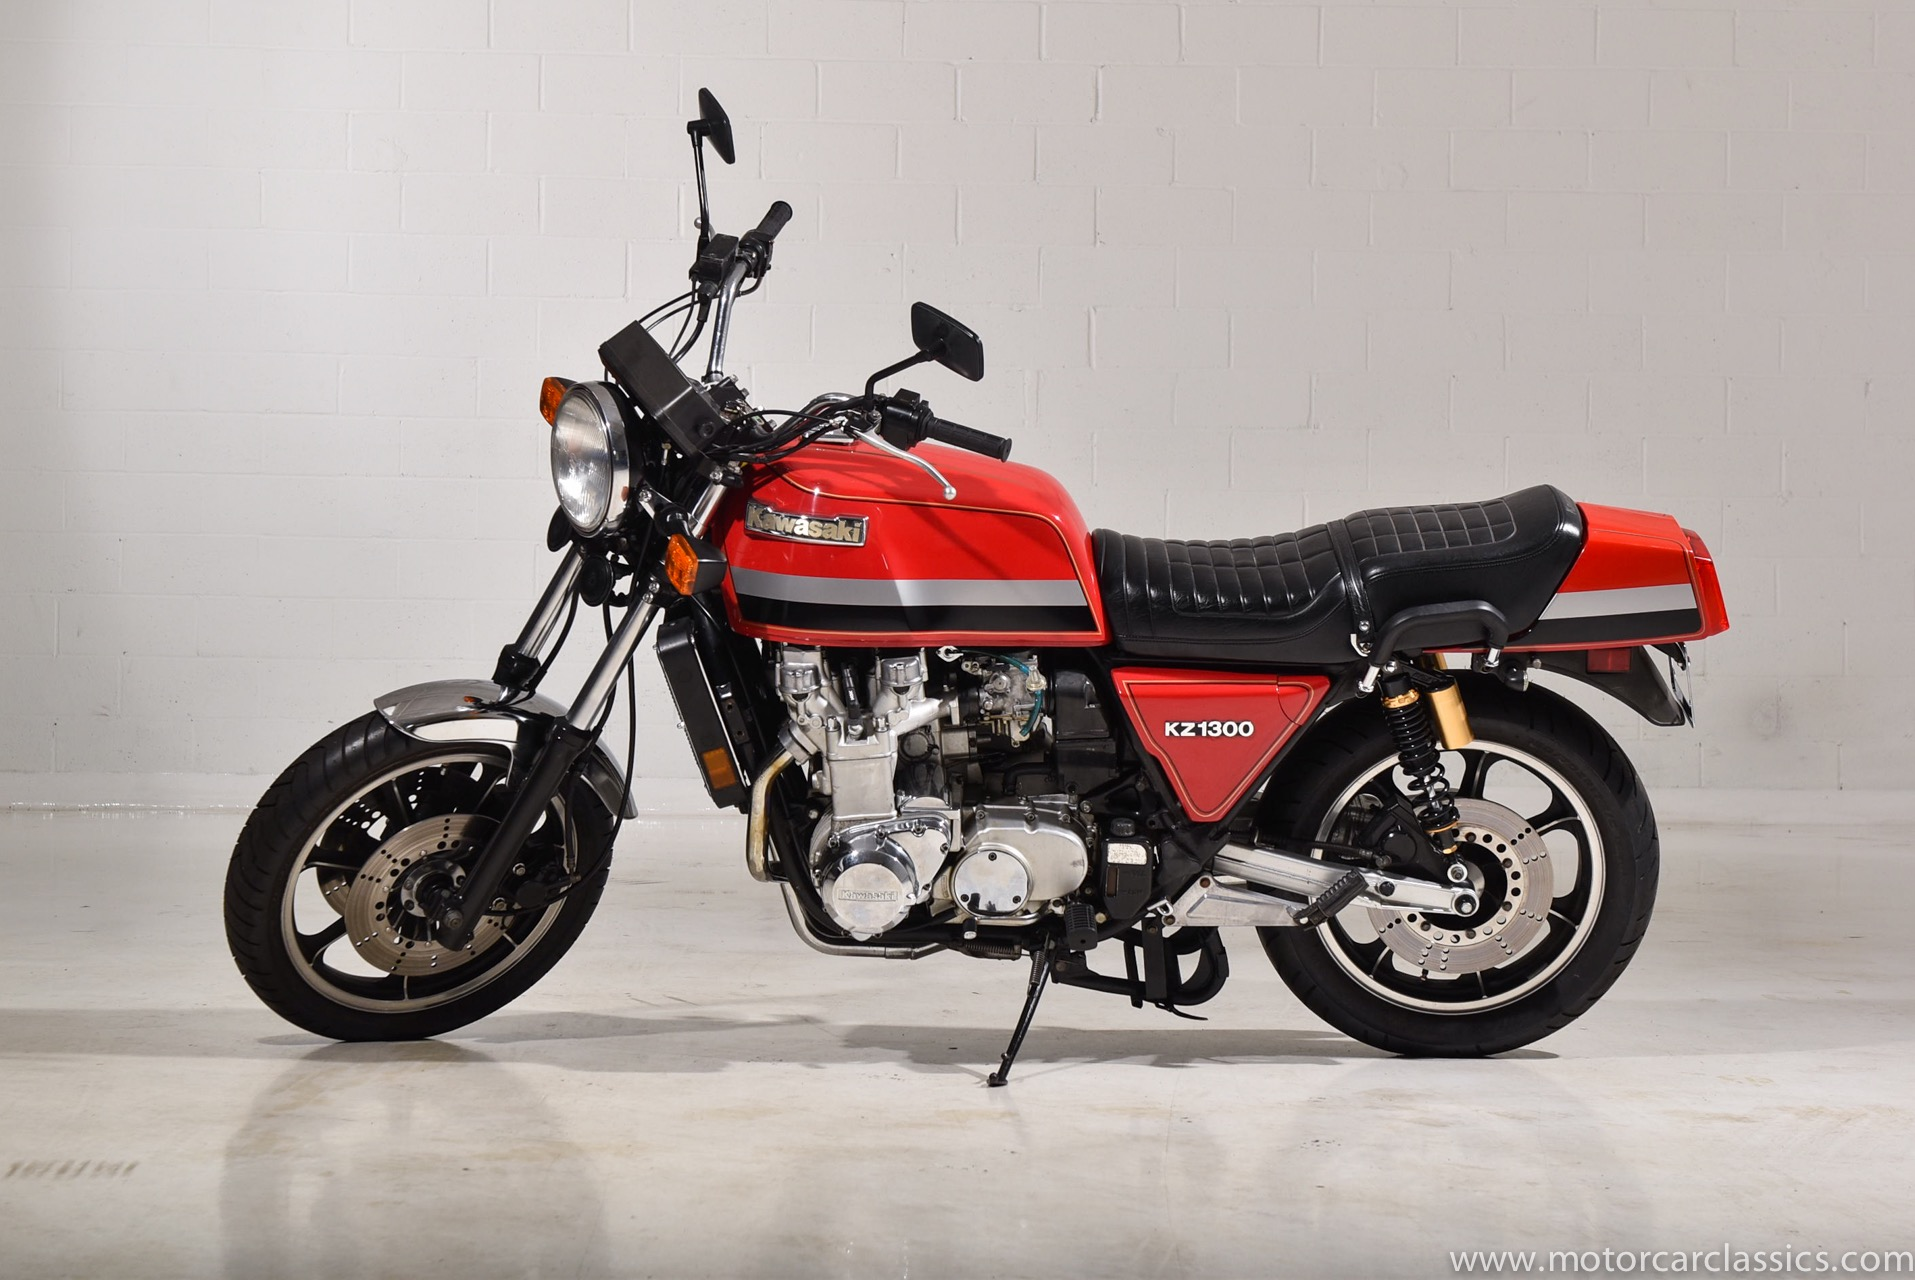 1977 Kawasaki KZ1300